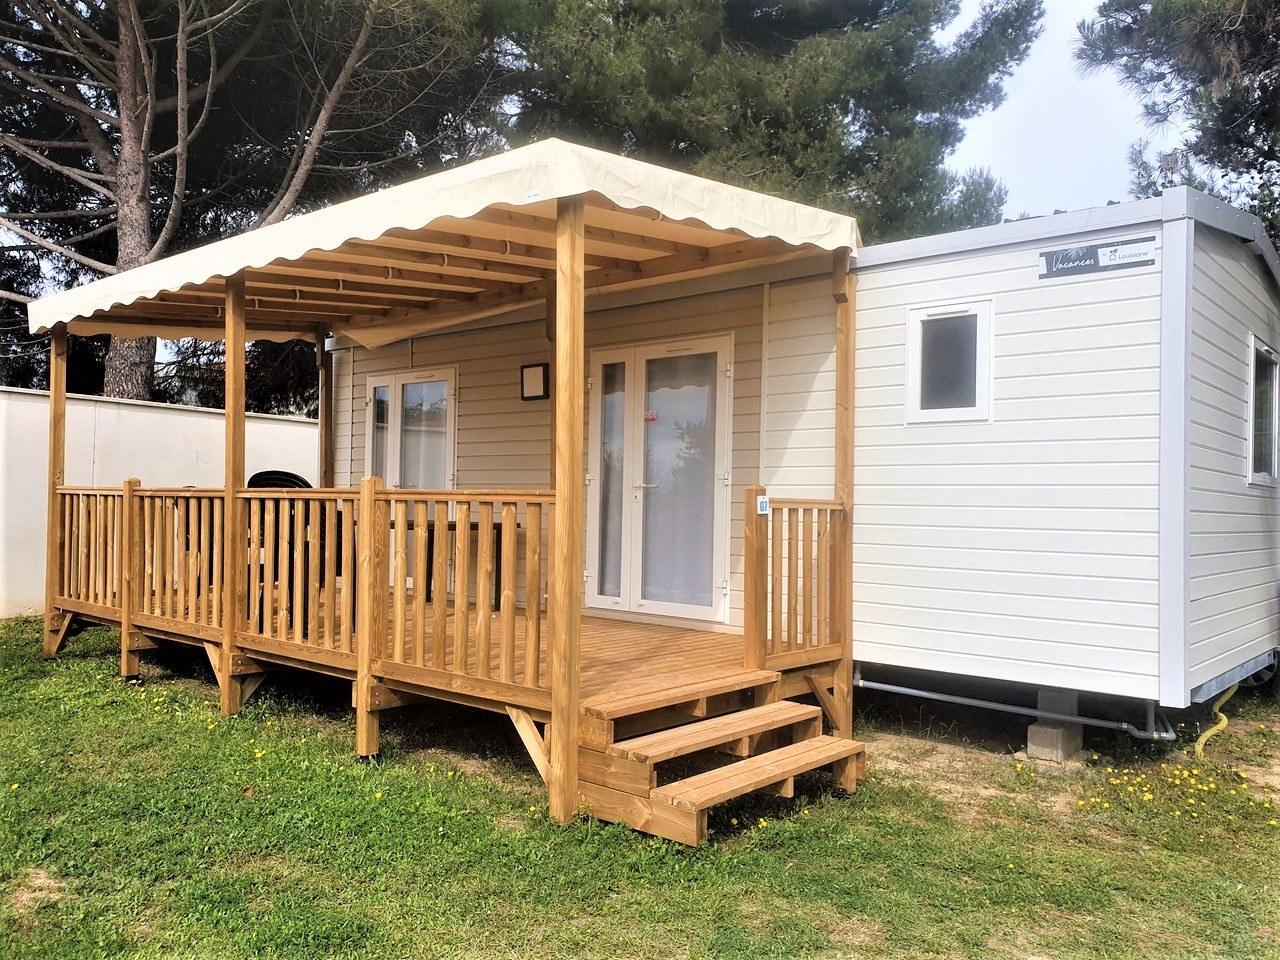 loggia premium exterieur - camping familial meze plage piscine